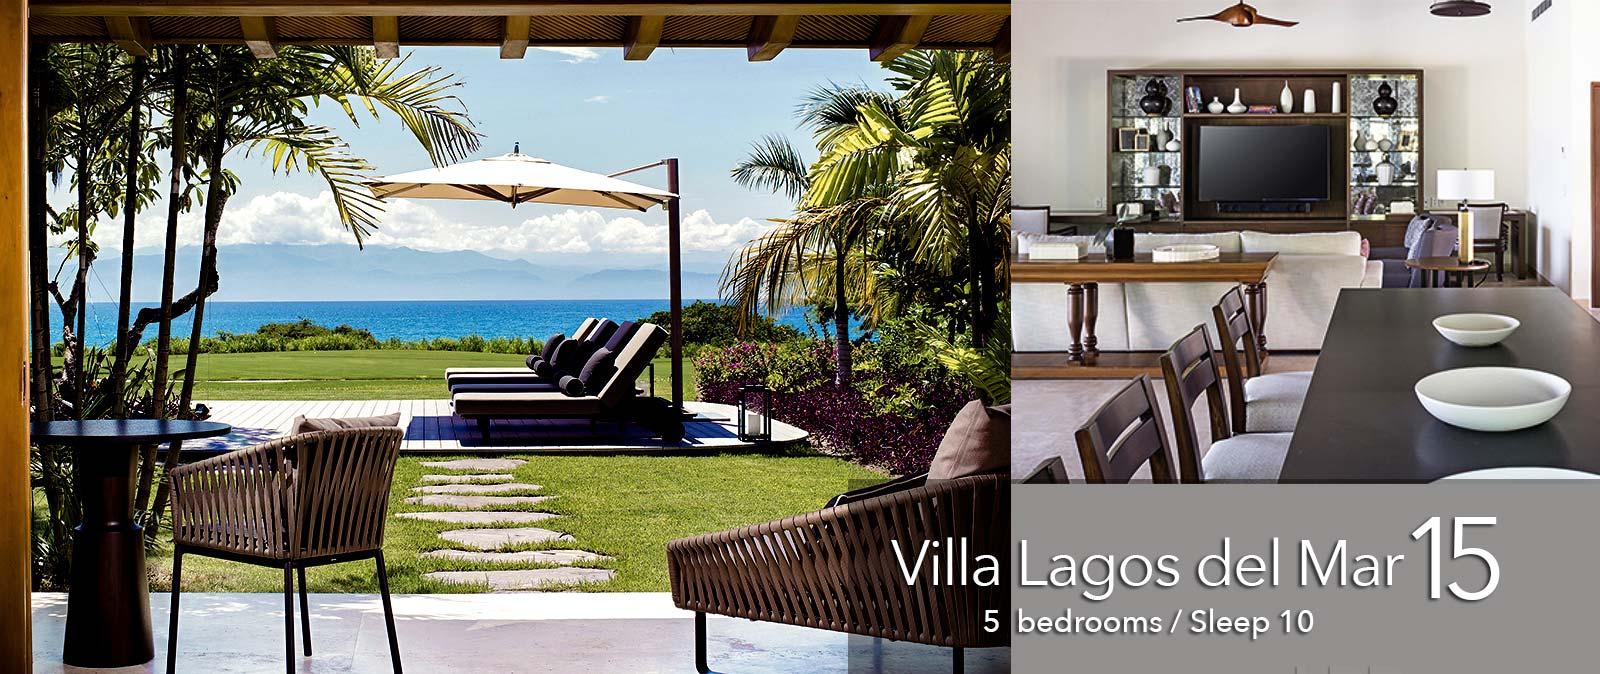 Villa Lagos del Mar 15 - Punta Mita Resort, Mexico